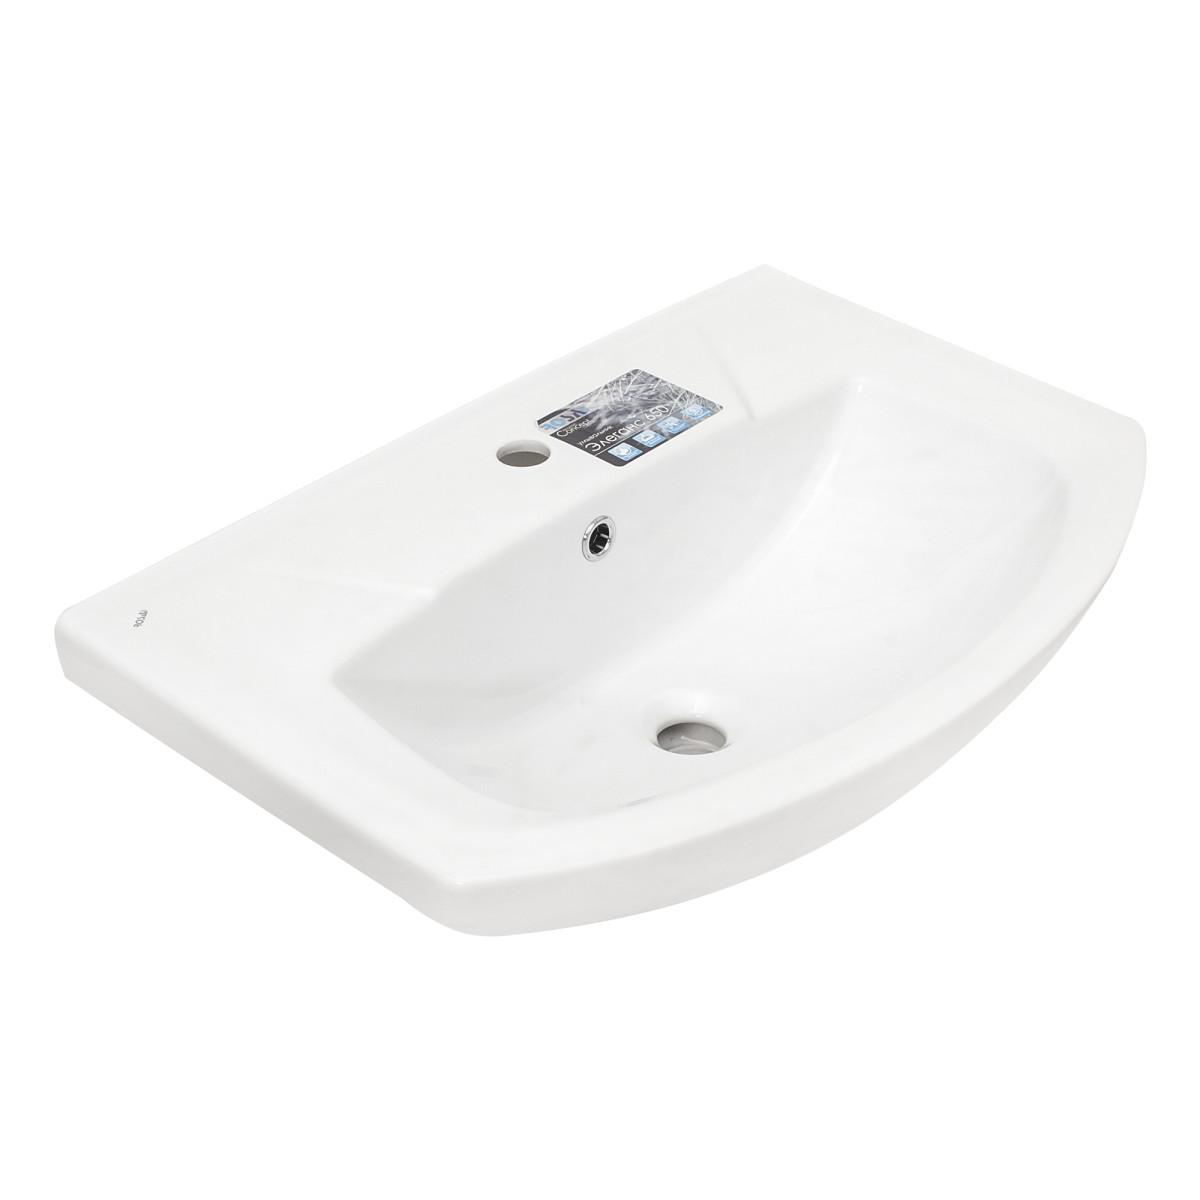 Раковина АСБ-Мебель Альфа овальная 65х50х46 см фаянс цвет белый